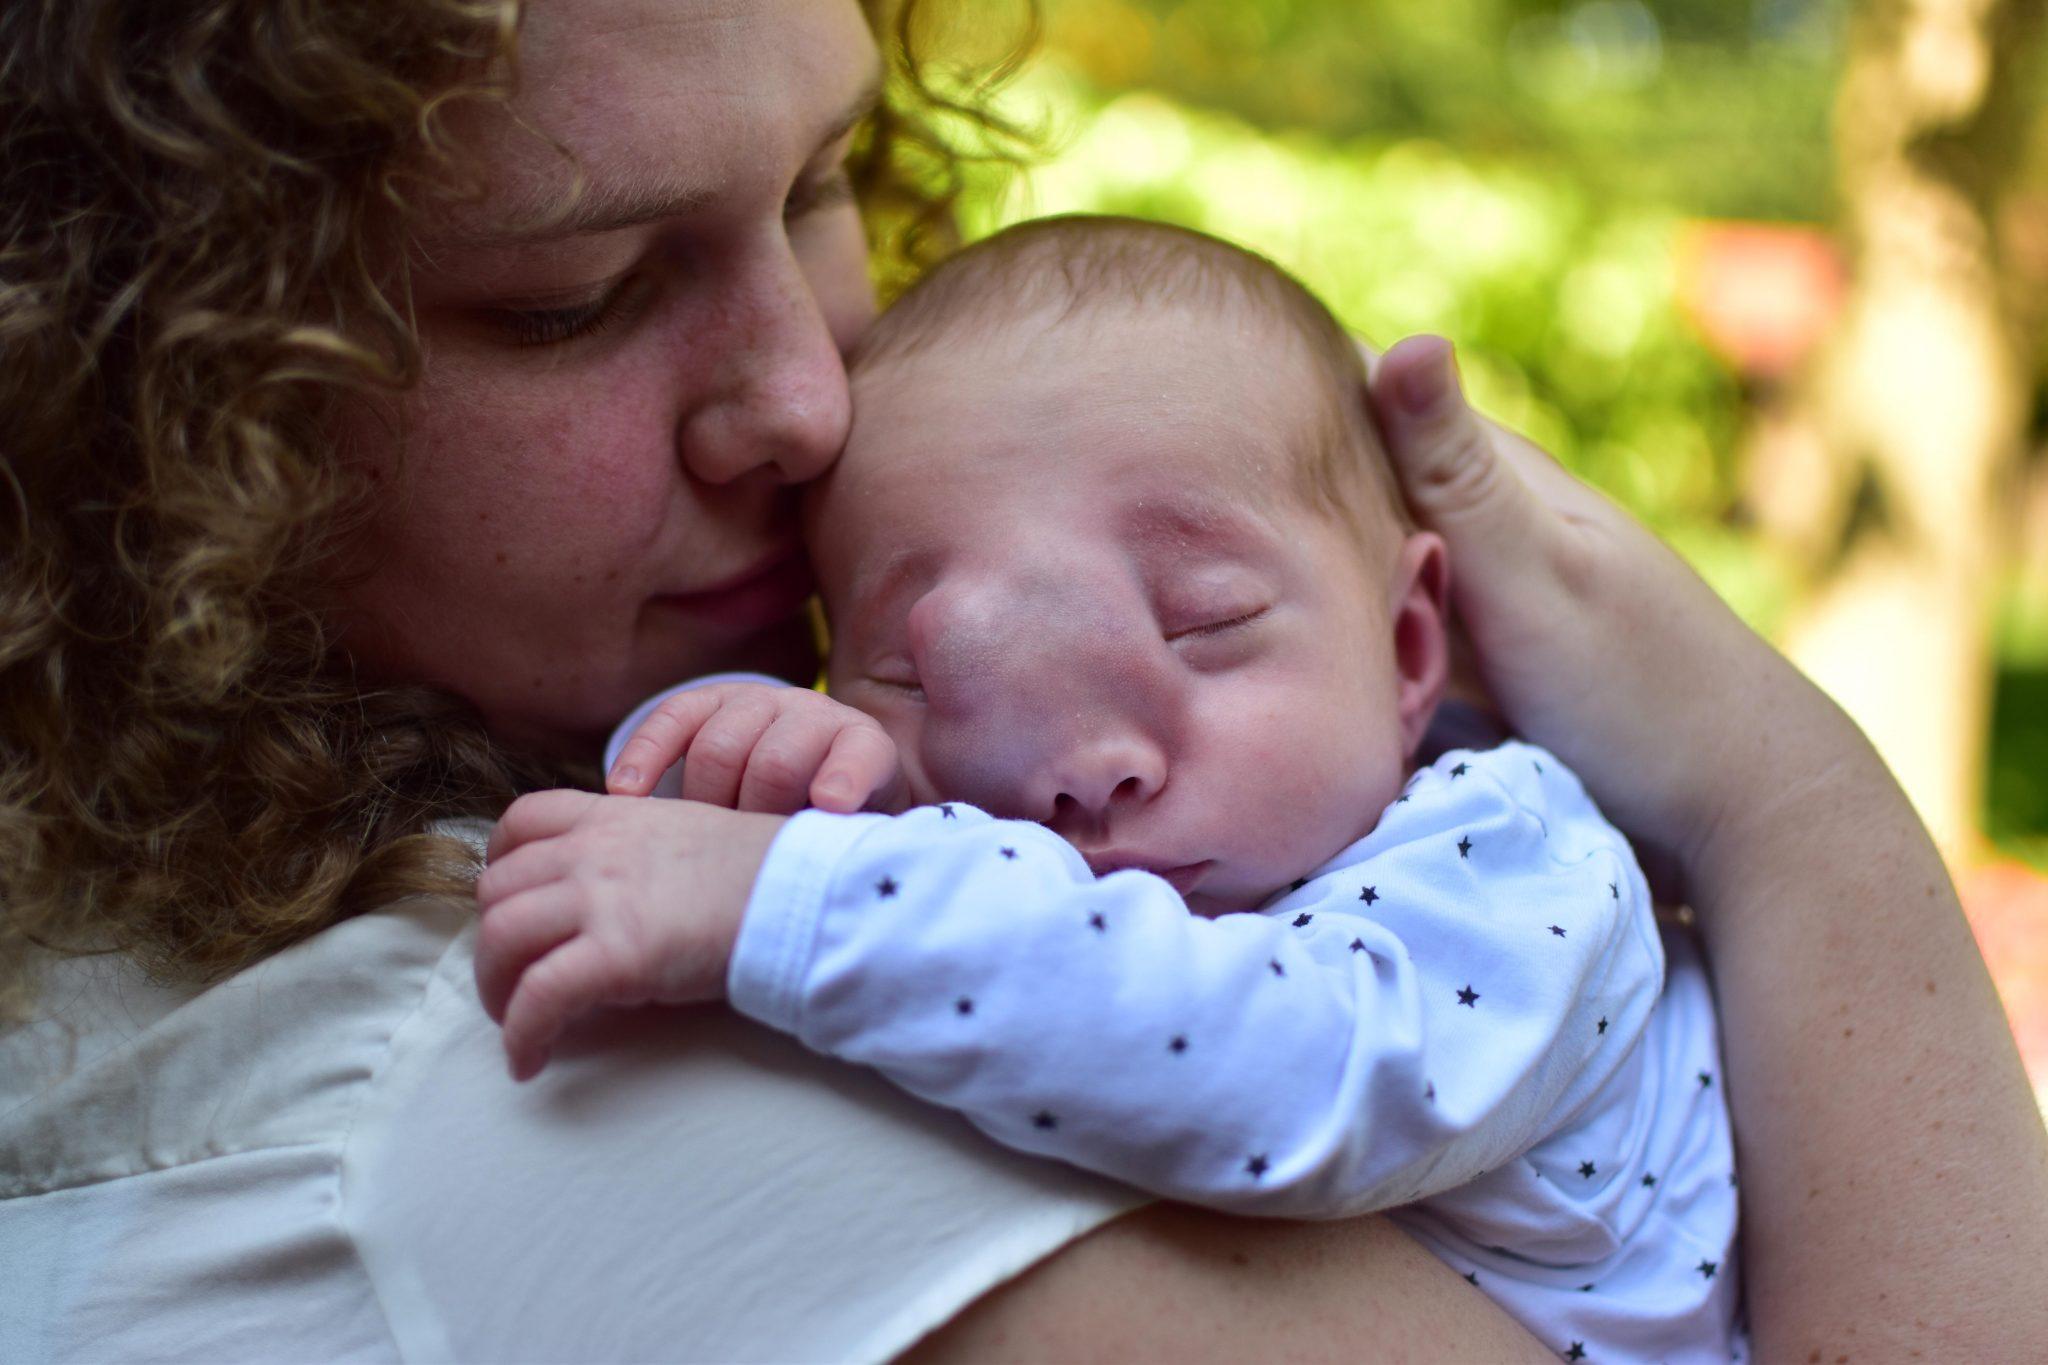 IMG 2835 6000x4000 - Bijzondere verhalen #15 - Lotte d'r zoon heeft een nasofrontale encephalocele